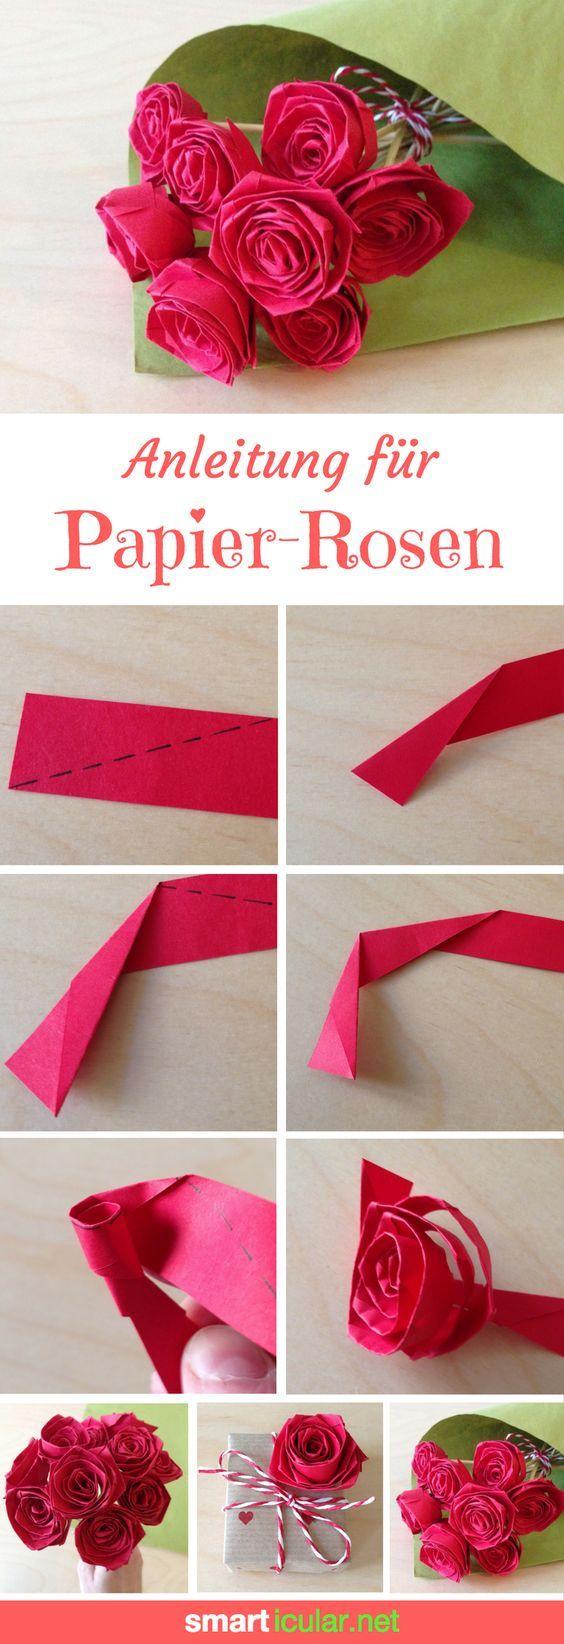 Rosen einfach aus Papier falten - nachhaltig und langlebig #paperprojects